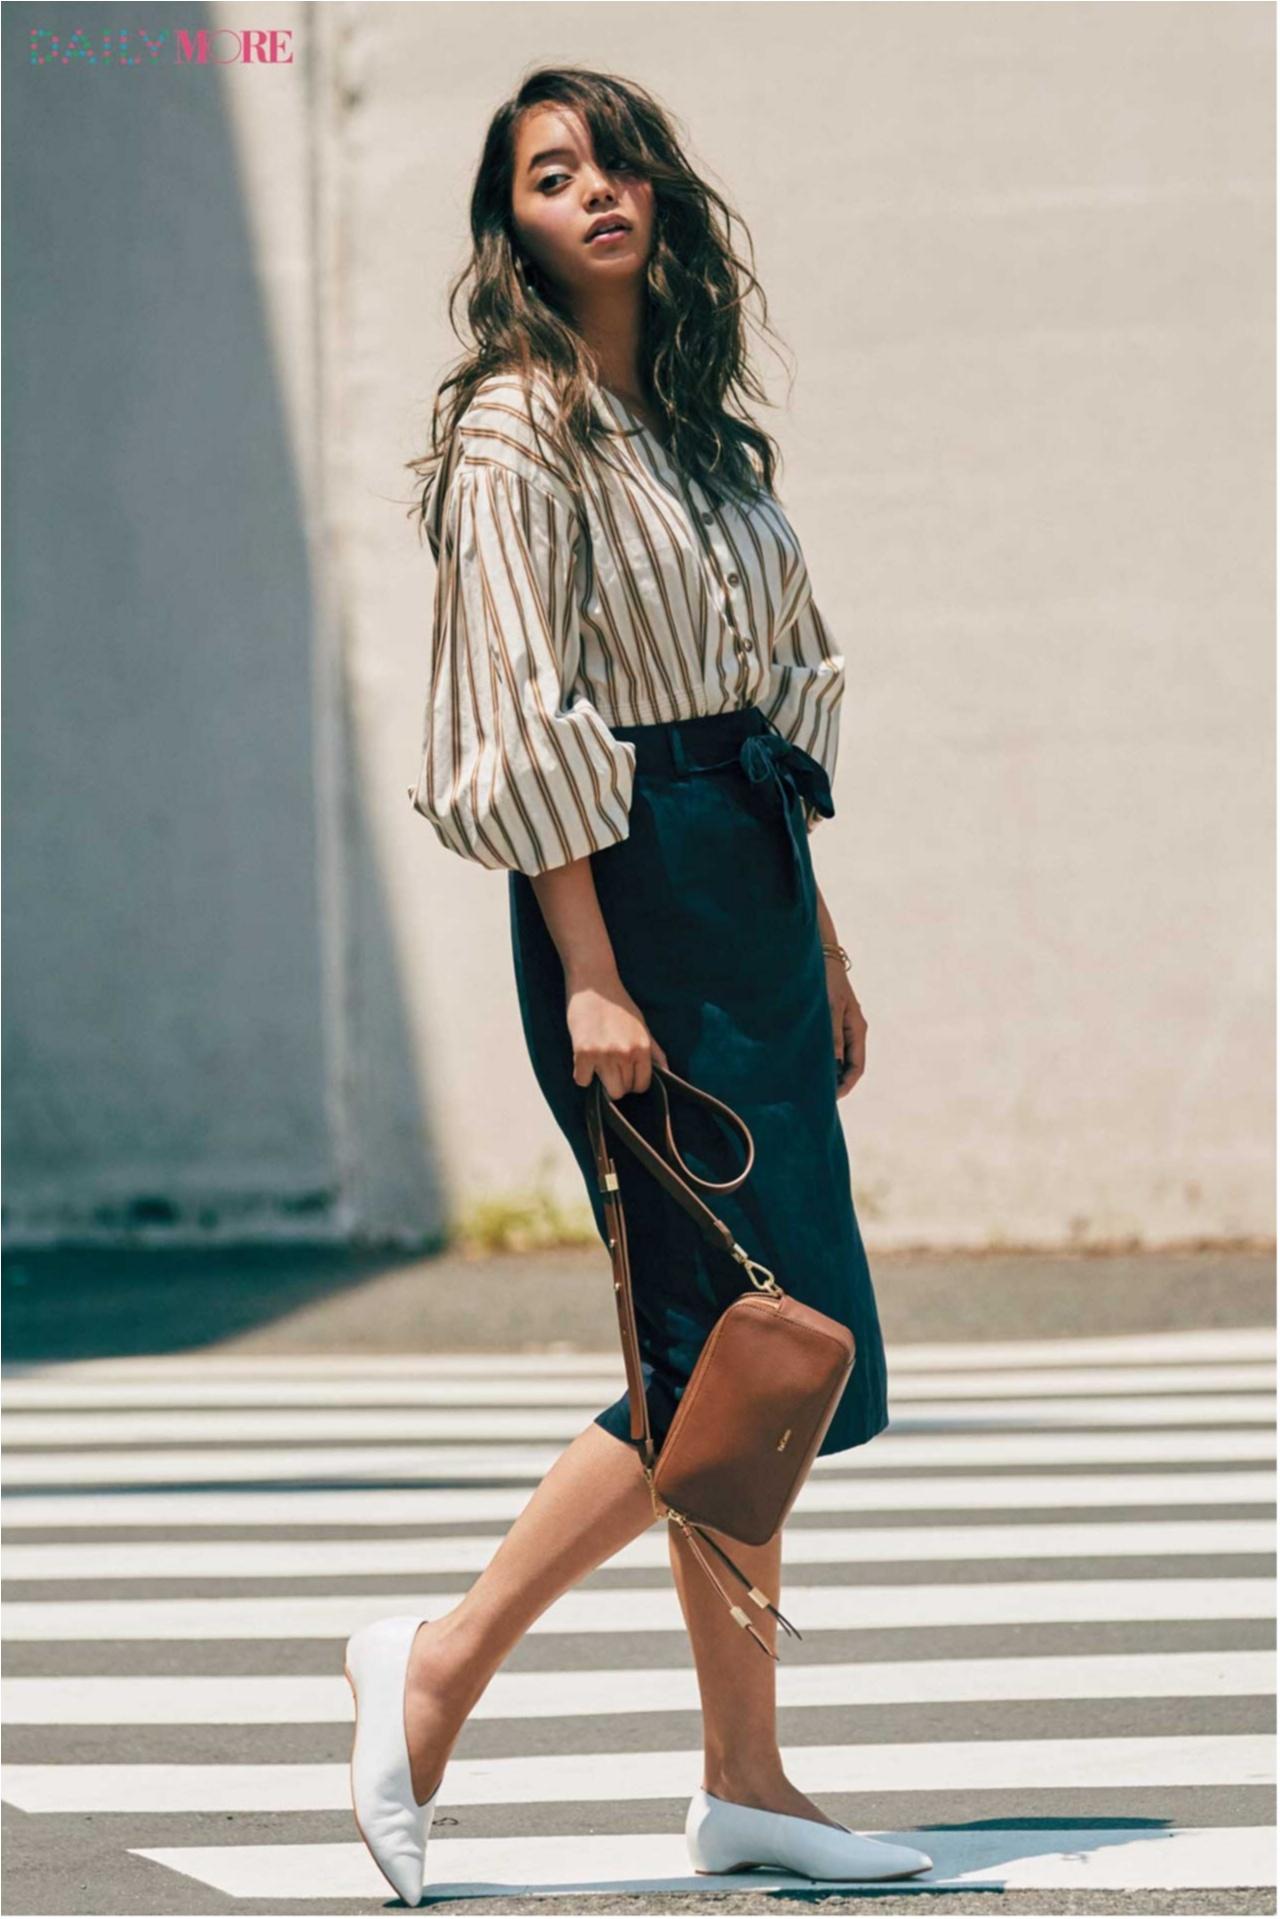 『GU』の細見えスカートが新たなヒット伝説の予感! バッグ、スニーカー人気も継続中! 今週のファッション人気ランキングトップ3☆_1_3